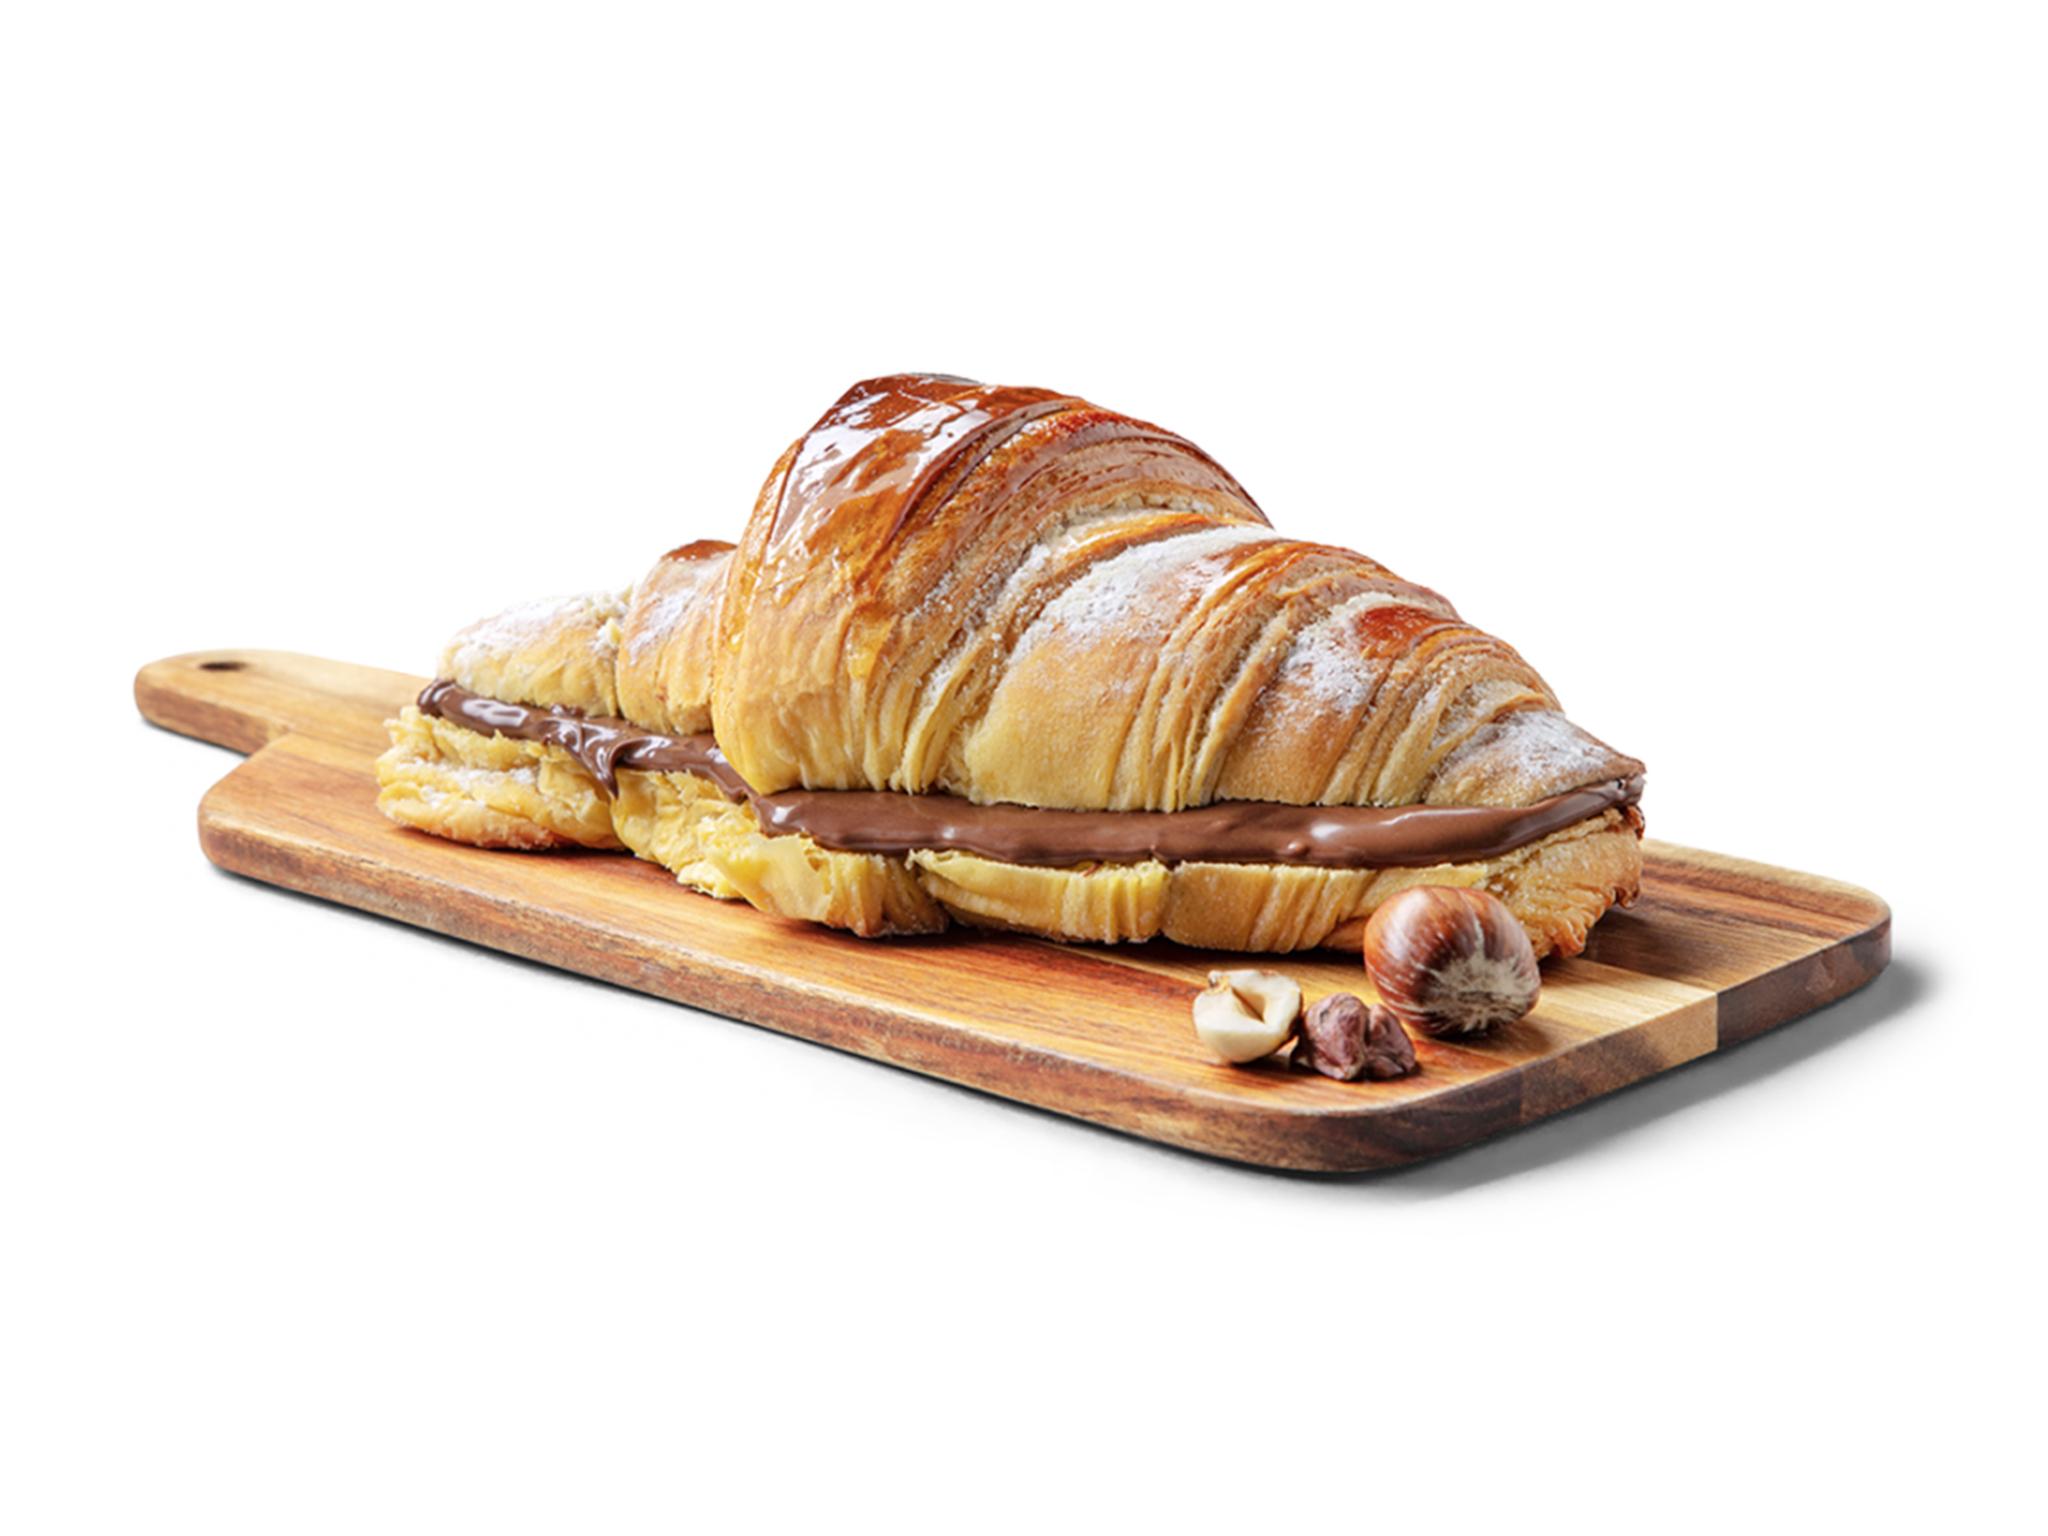 Pastelaria, Croissant de Nutella, O Melhor Croissant da Minha Rua